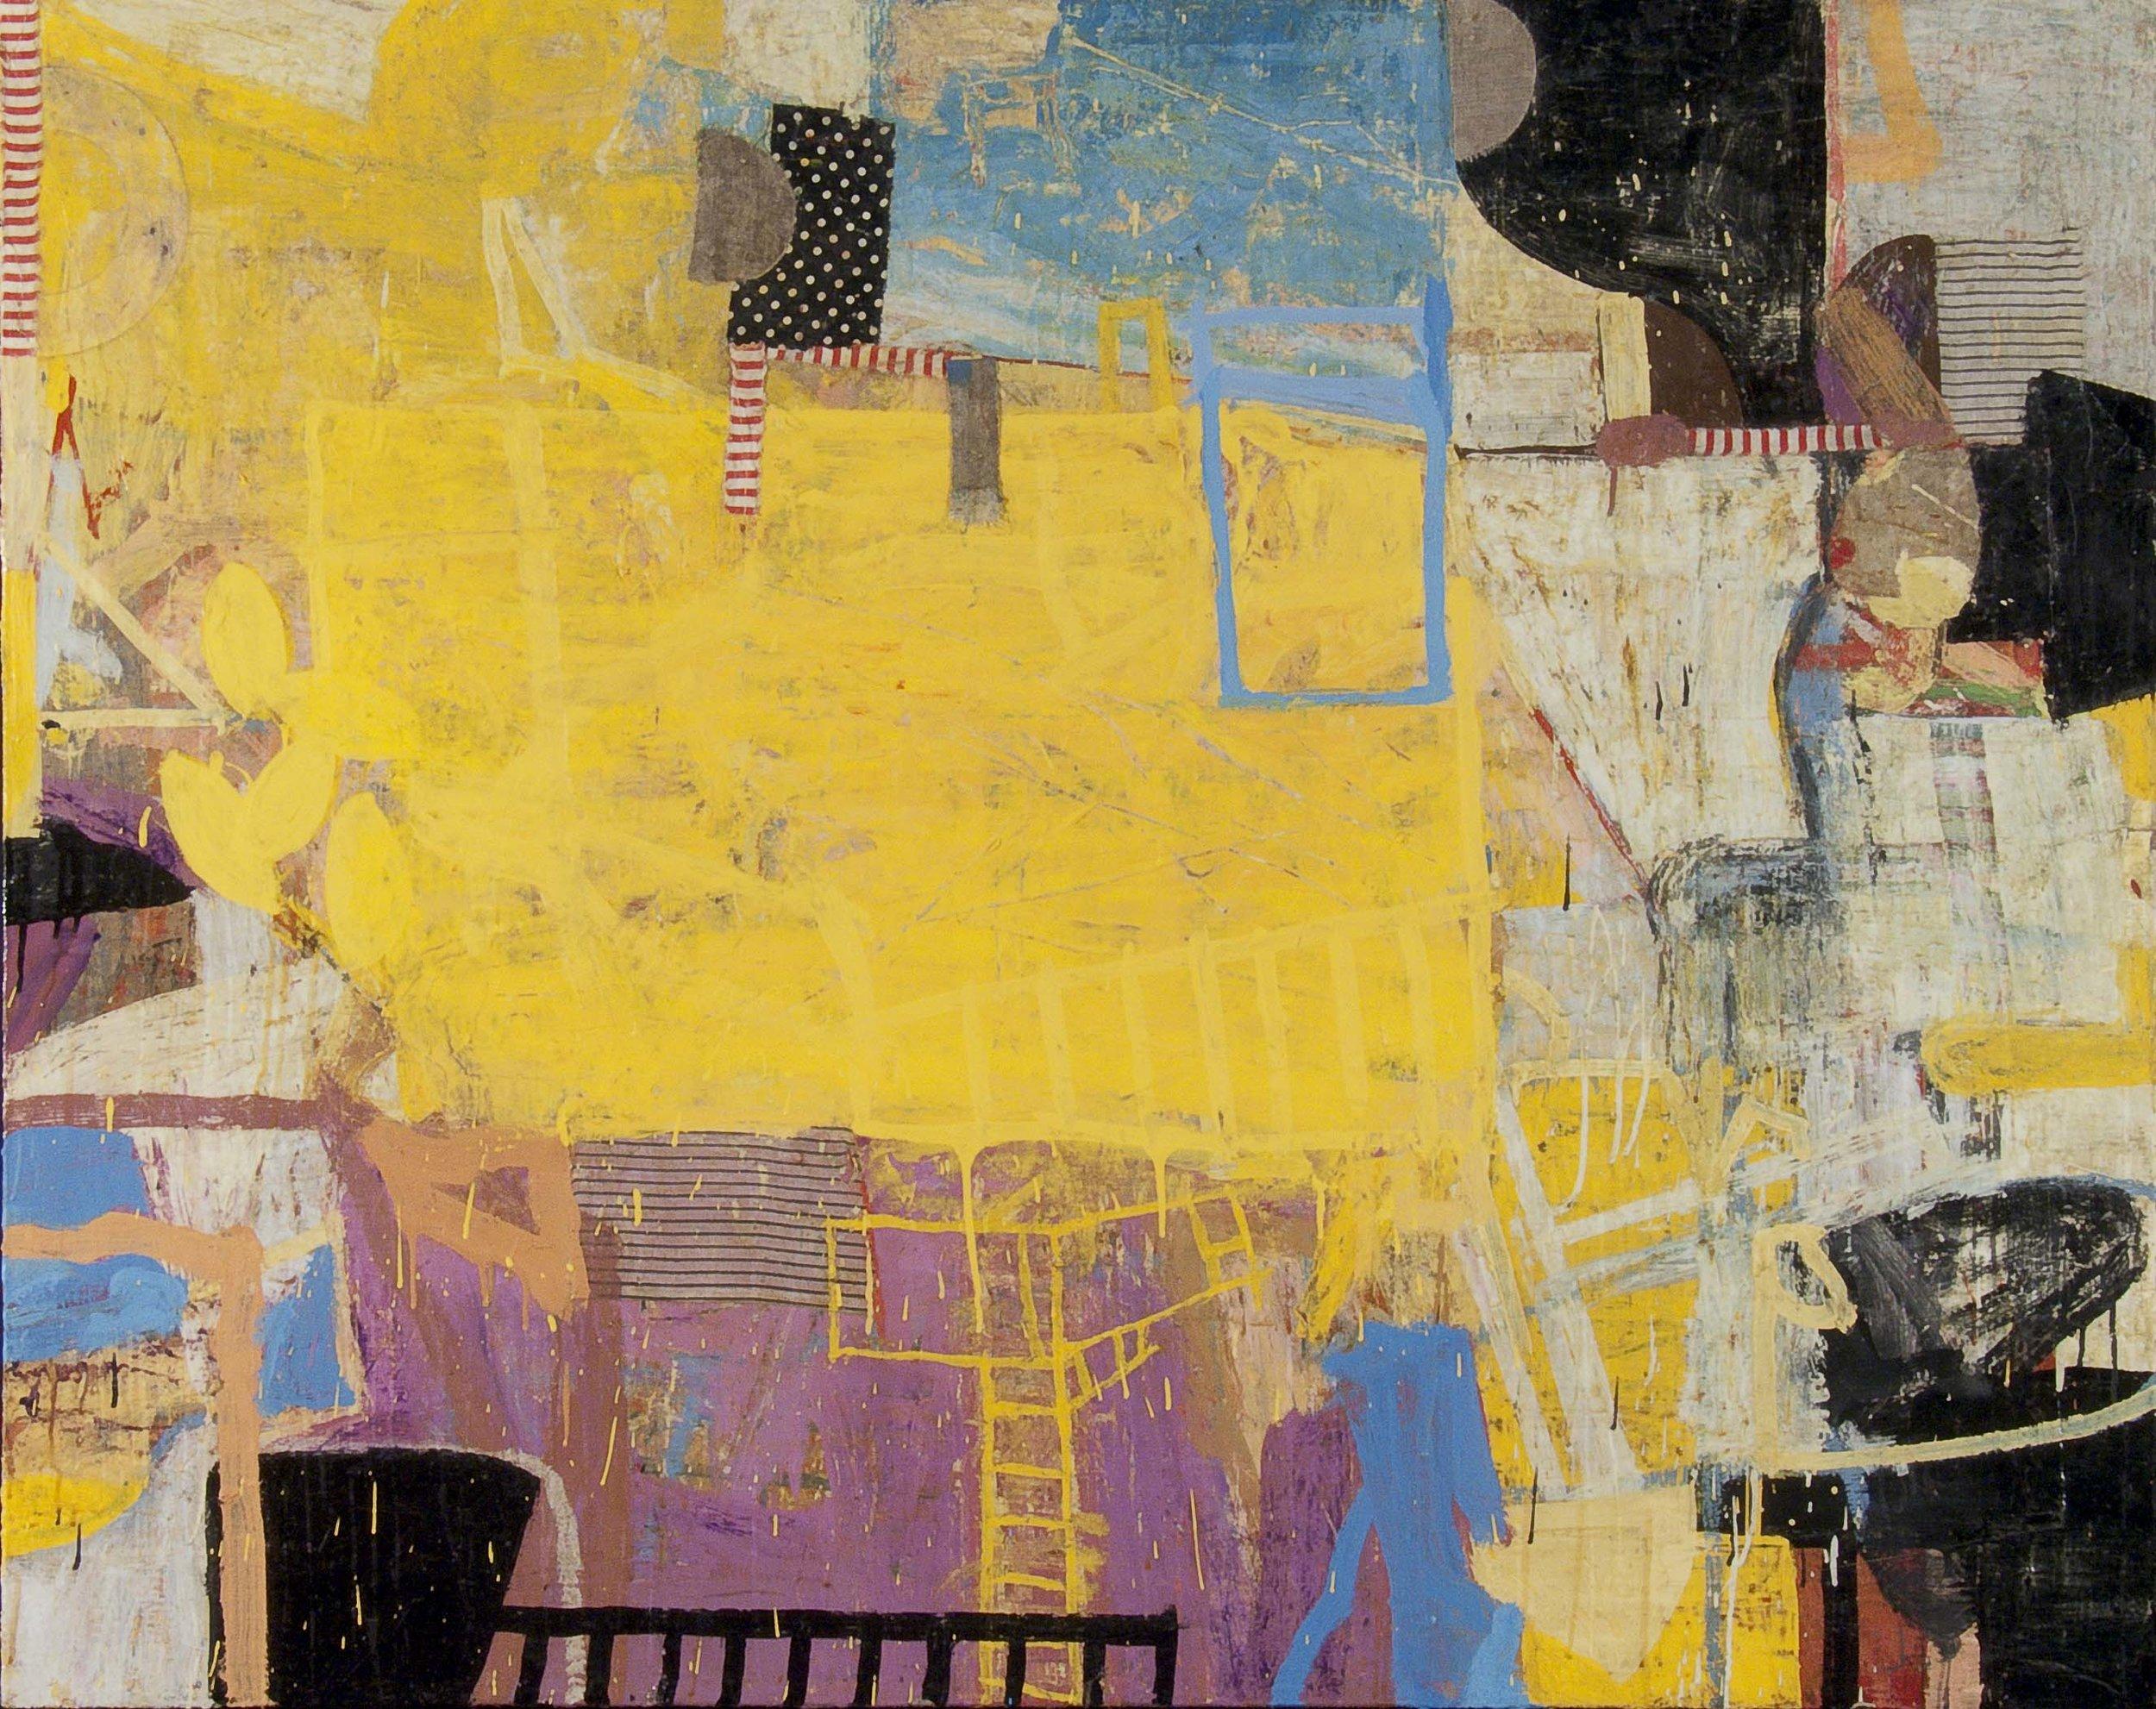 displacement_returning_notion_48x60-2012 21c.jpg